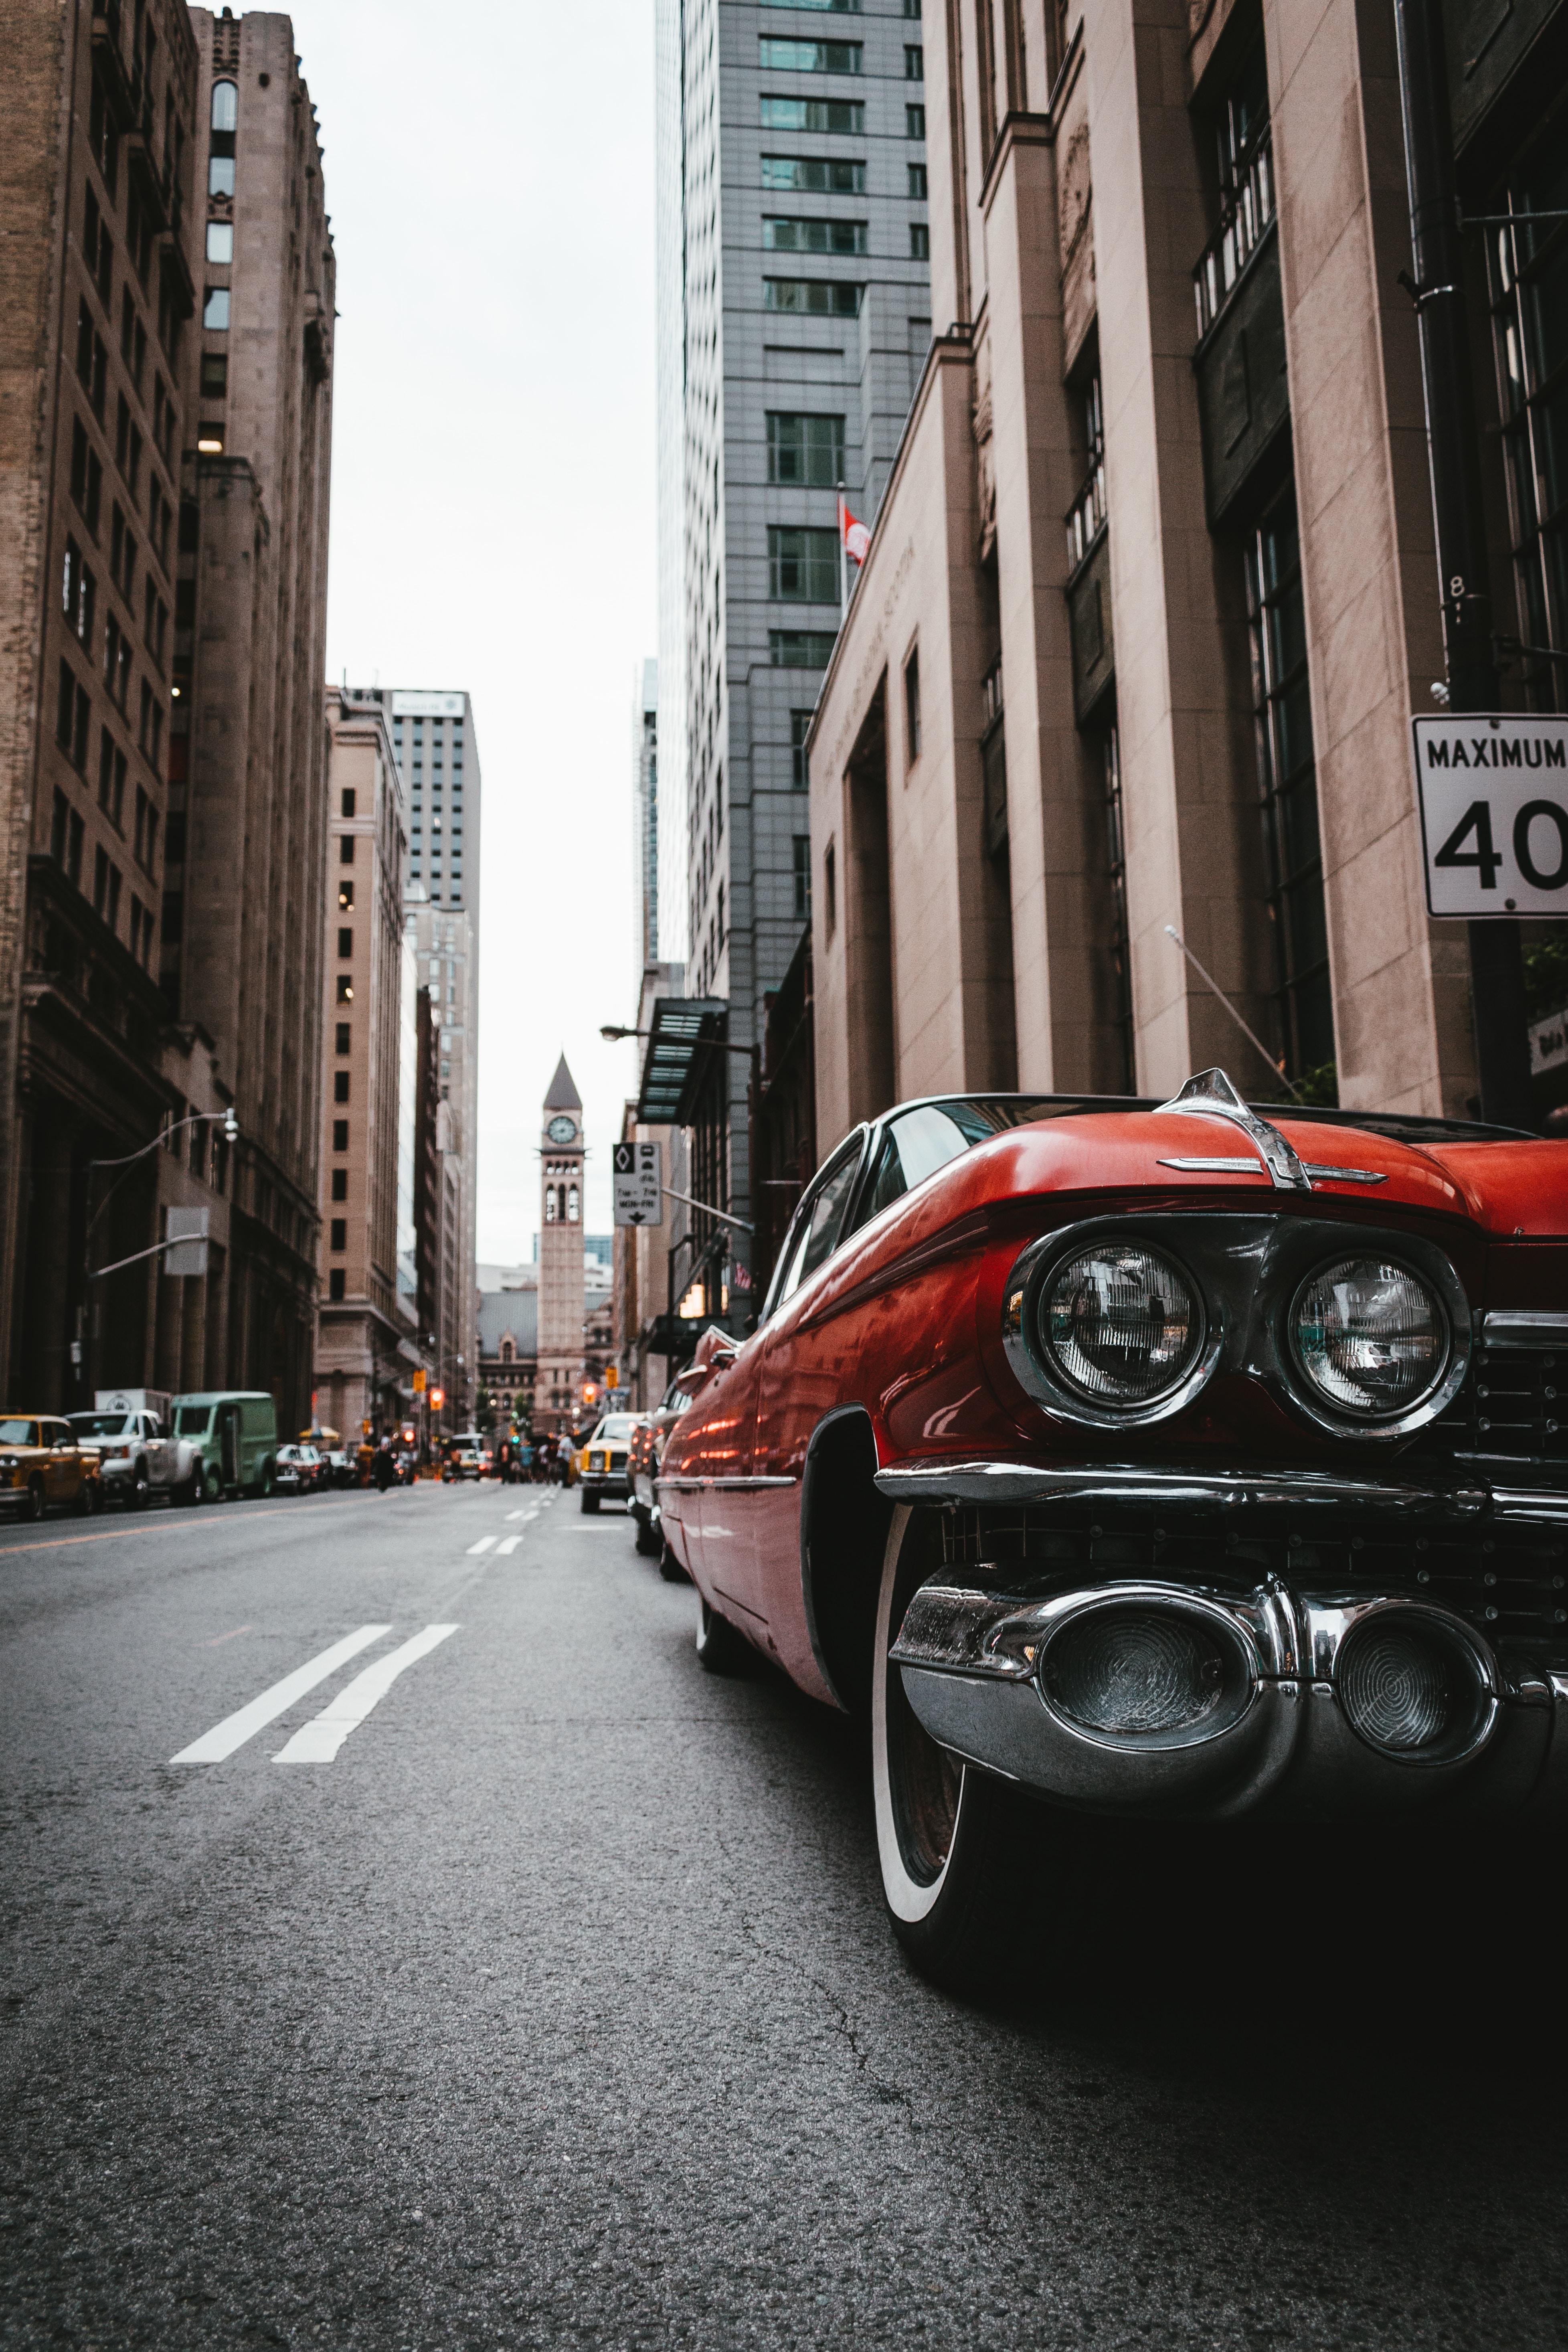 58807 скачать обои Город, Старый, Улица, Тачки (Cars), Машина, Мегаполис - заставки и картинки бесплатно